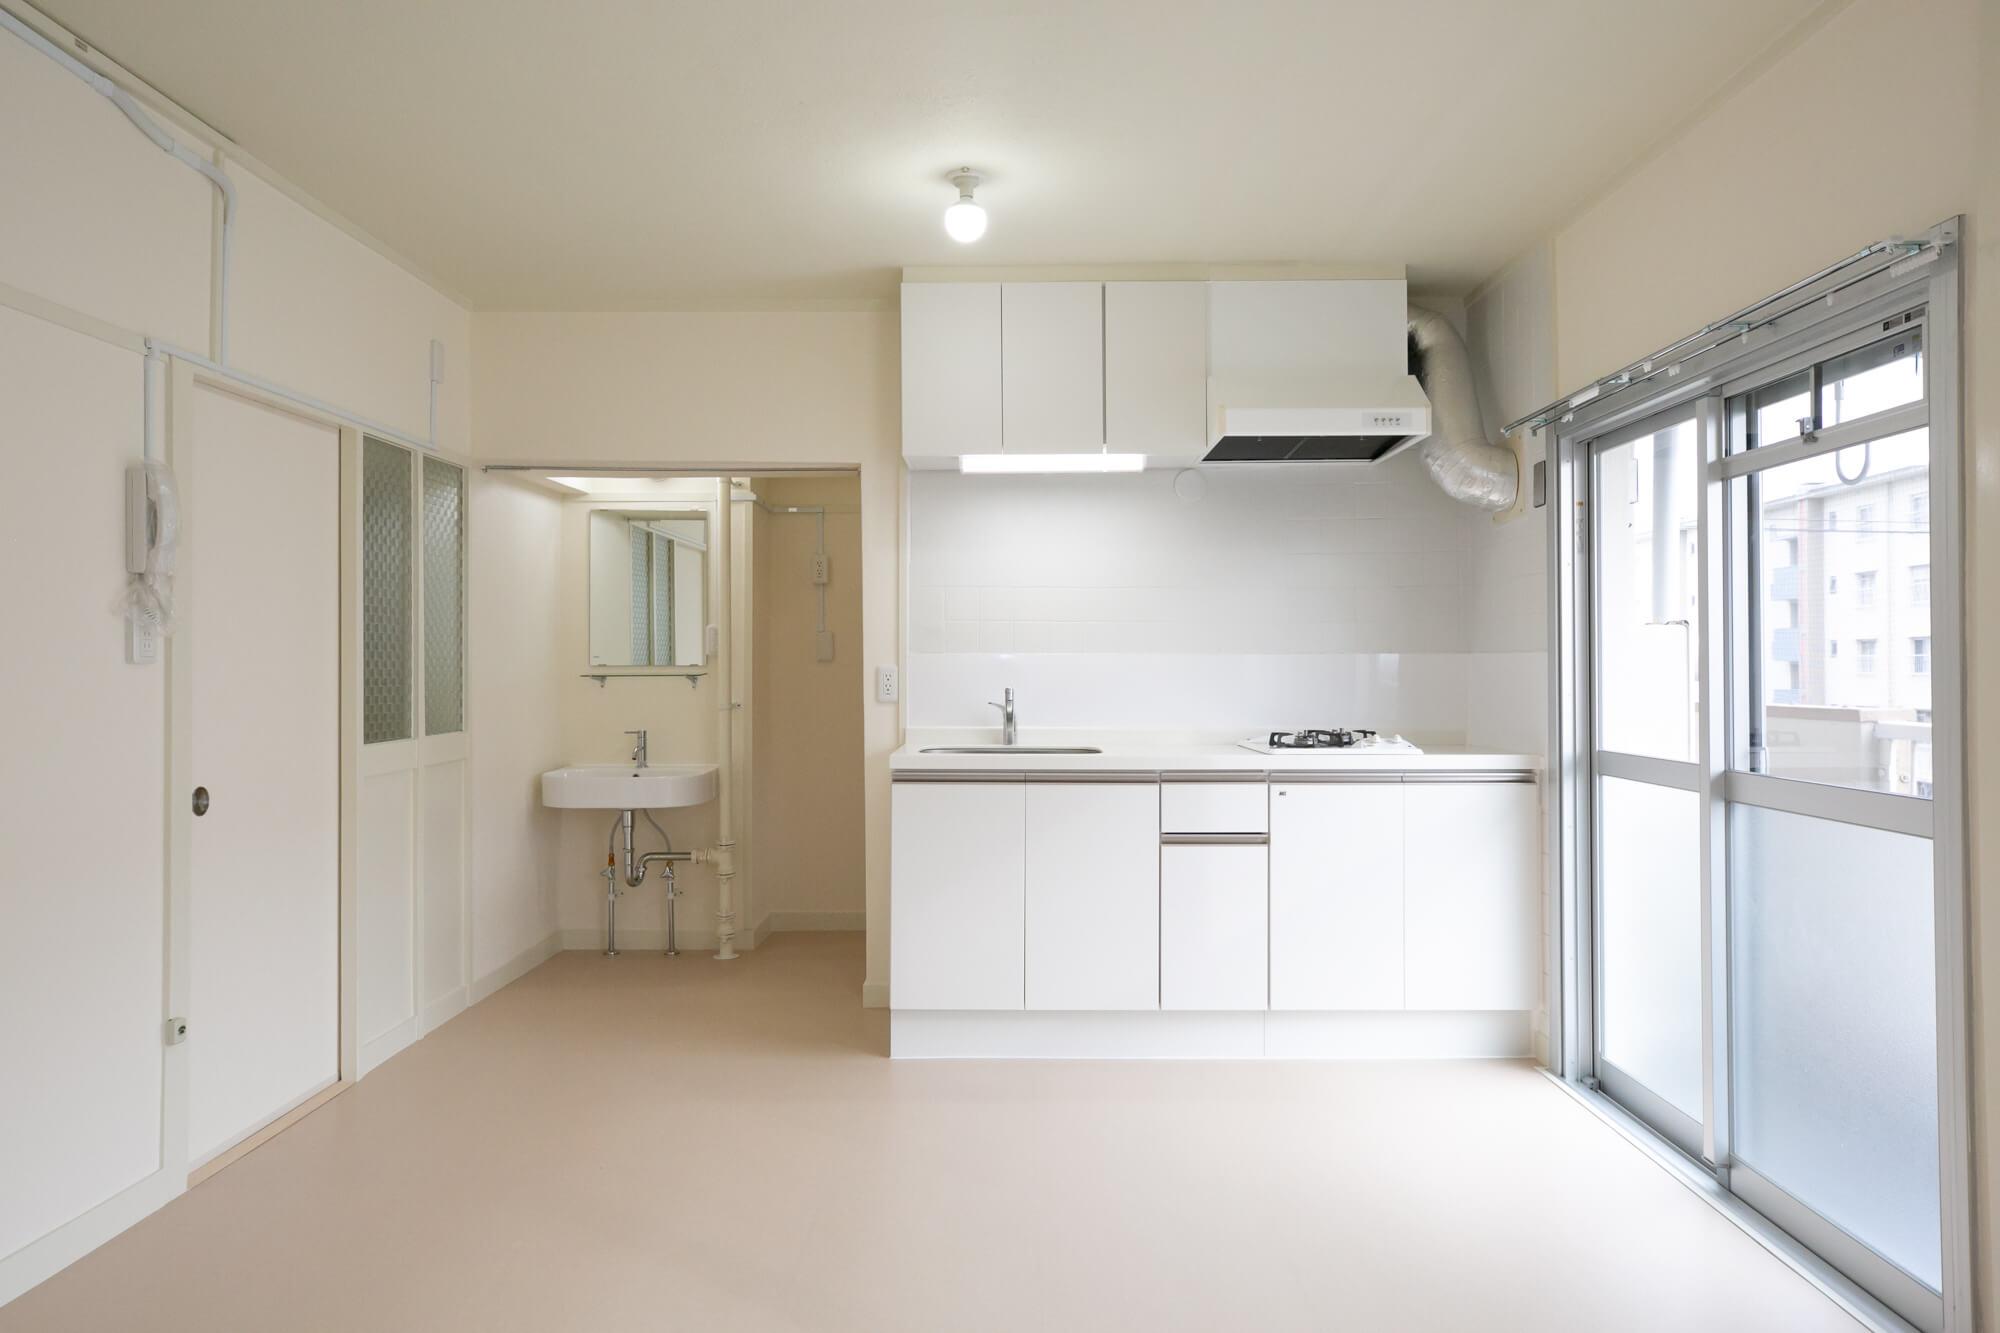 こちらは、2DKから1LDKへとリノベーションされたお部屋(A12号棟 302号室 / 1LDK / 40.89㎡ / 賃料46,000円/共益費1,750円)。